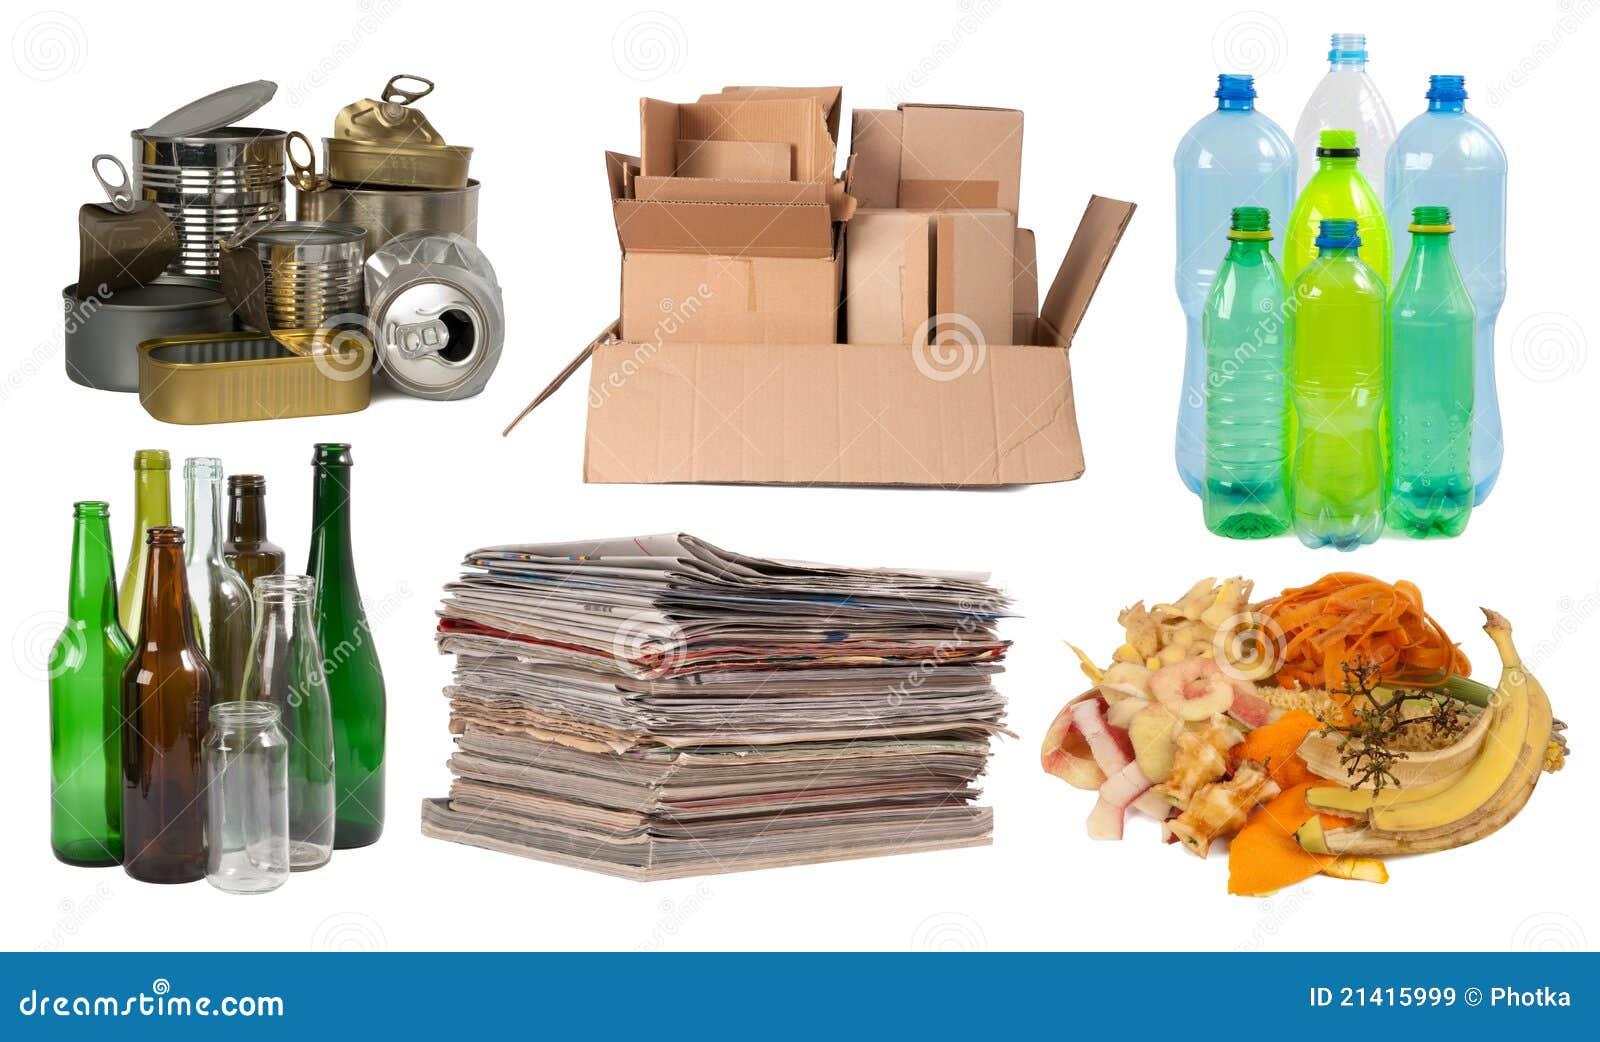 La basura se prepar para reciclar im genes de archivo for Reciclar muebles de la basura